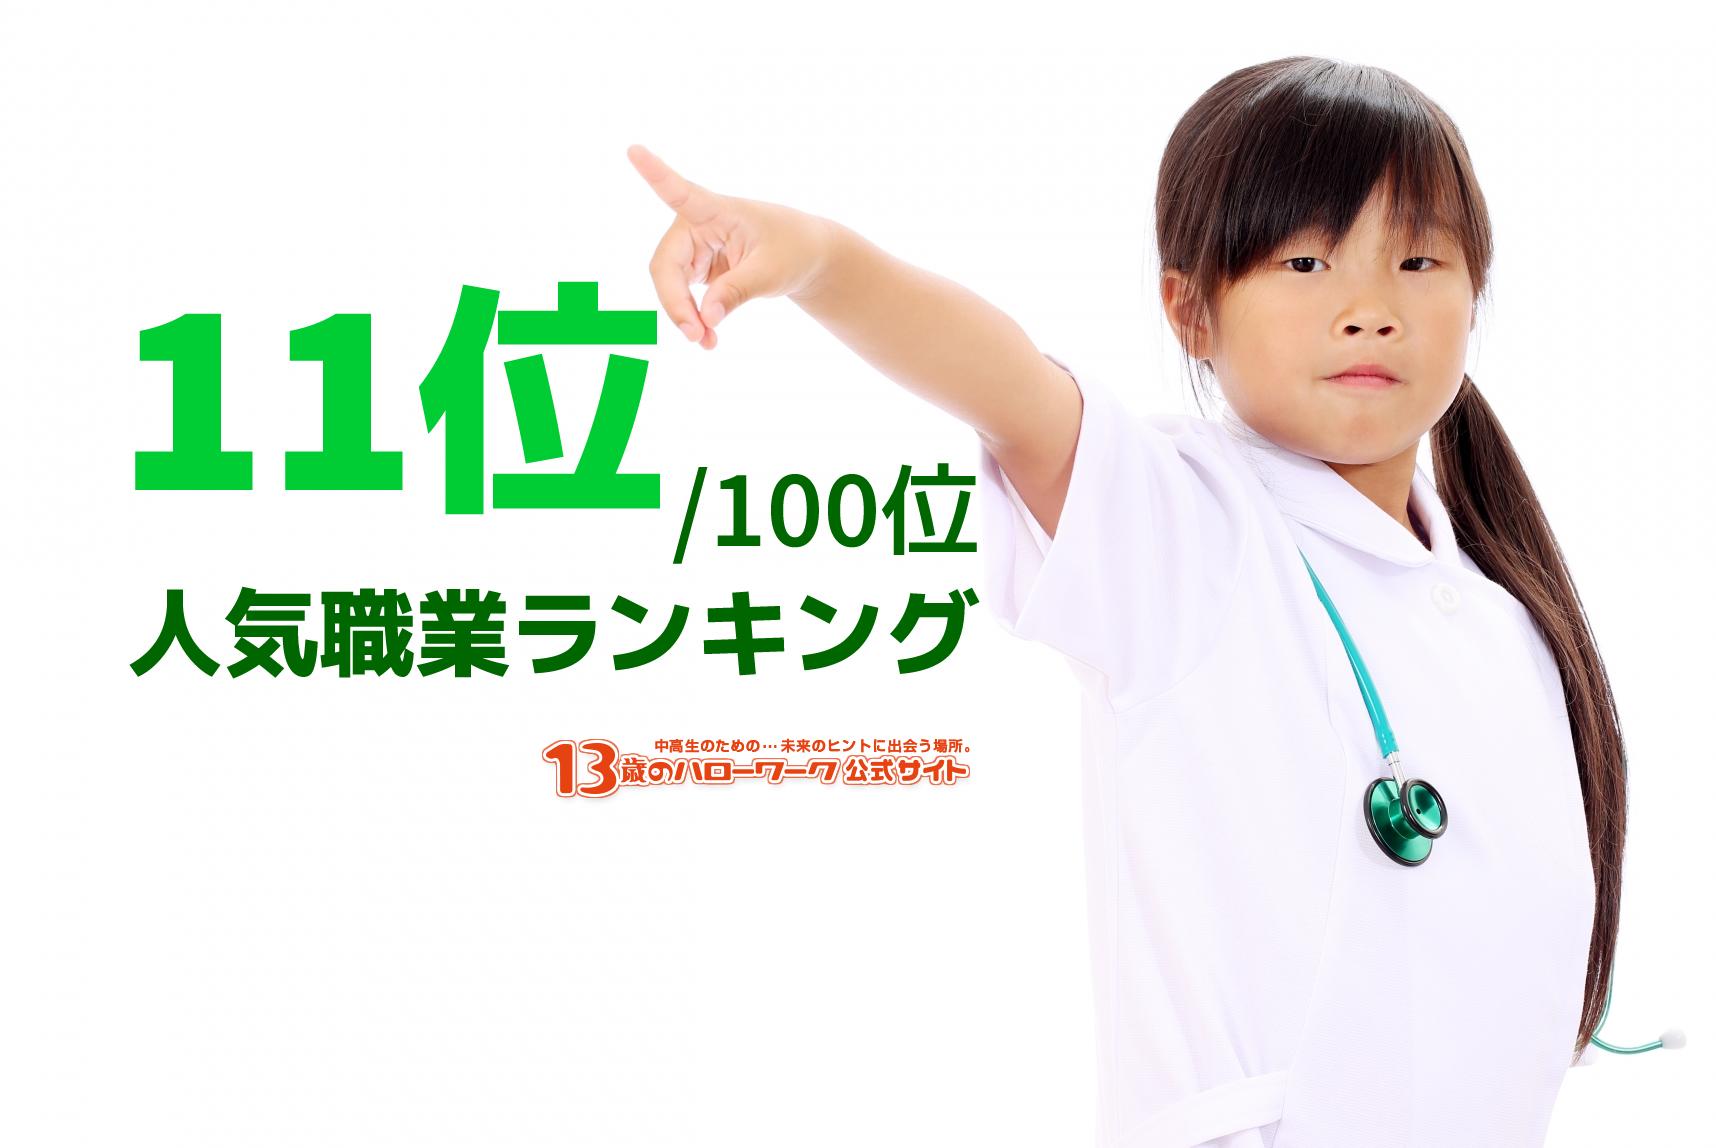 nurse_occupation